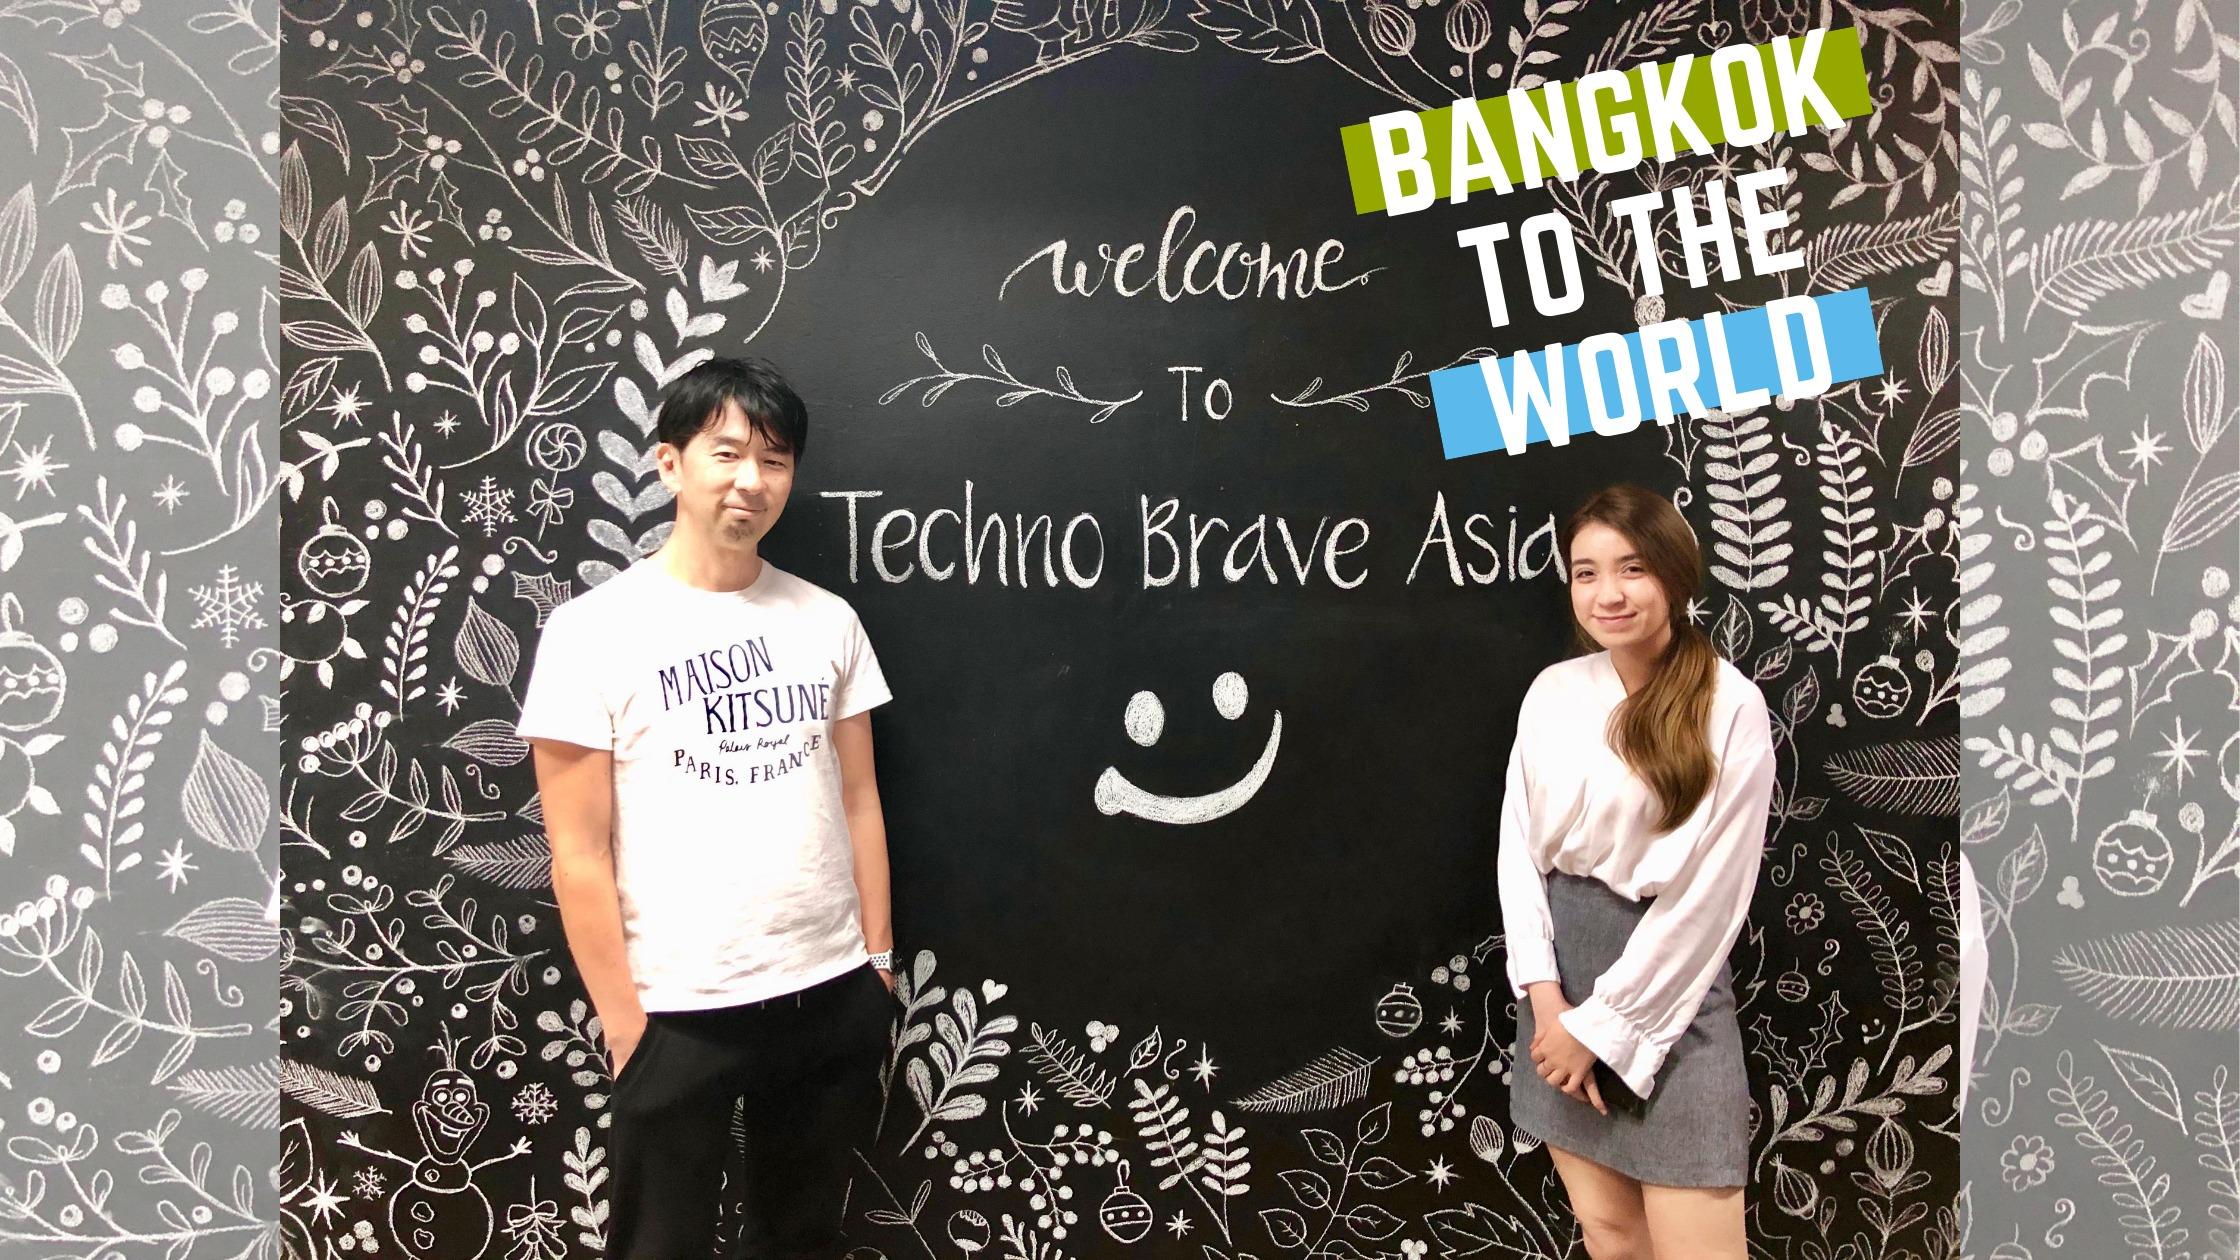 【バンコクから世界へ】VRで海外挑戦したいクリエイター求ム(Techno Brave Asia)